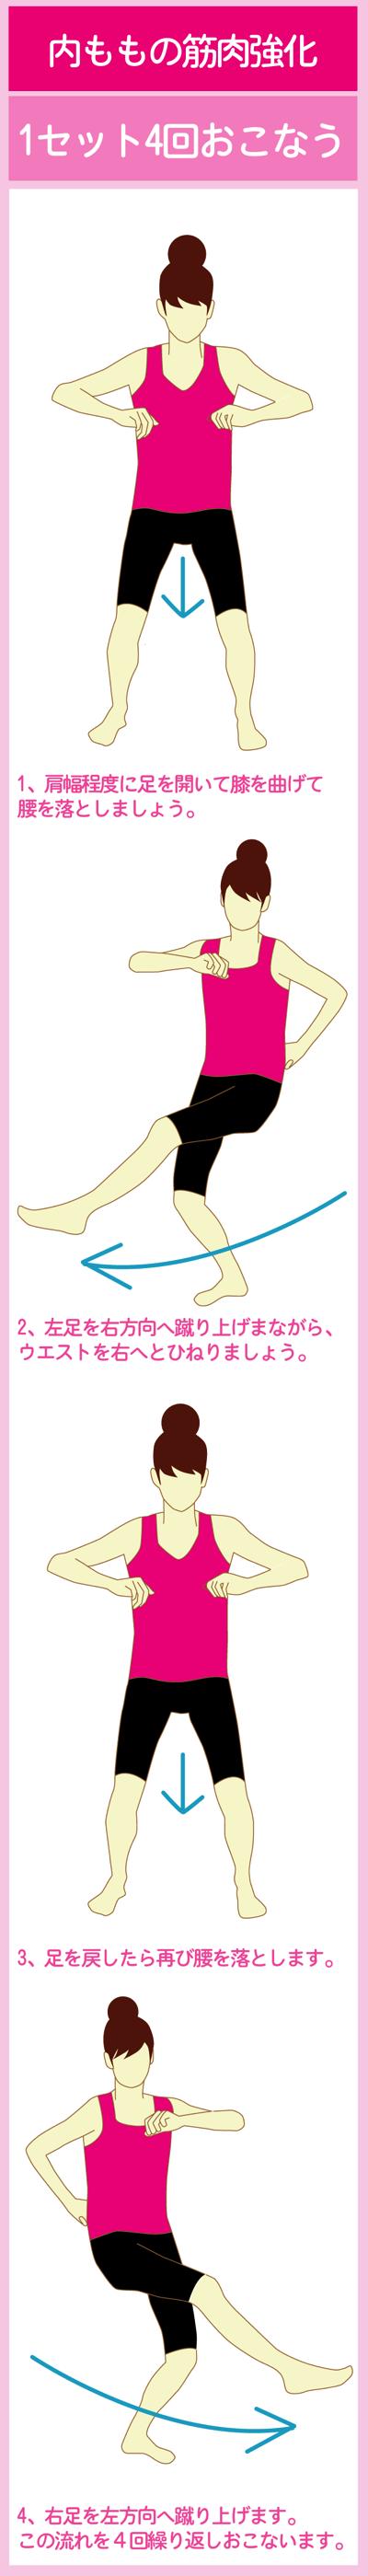 内転筋を効果的に刺激する蹴り上げ体操